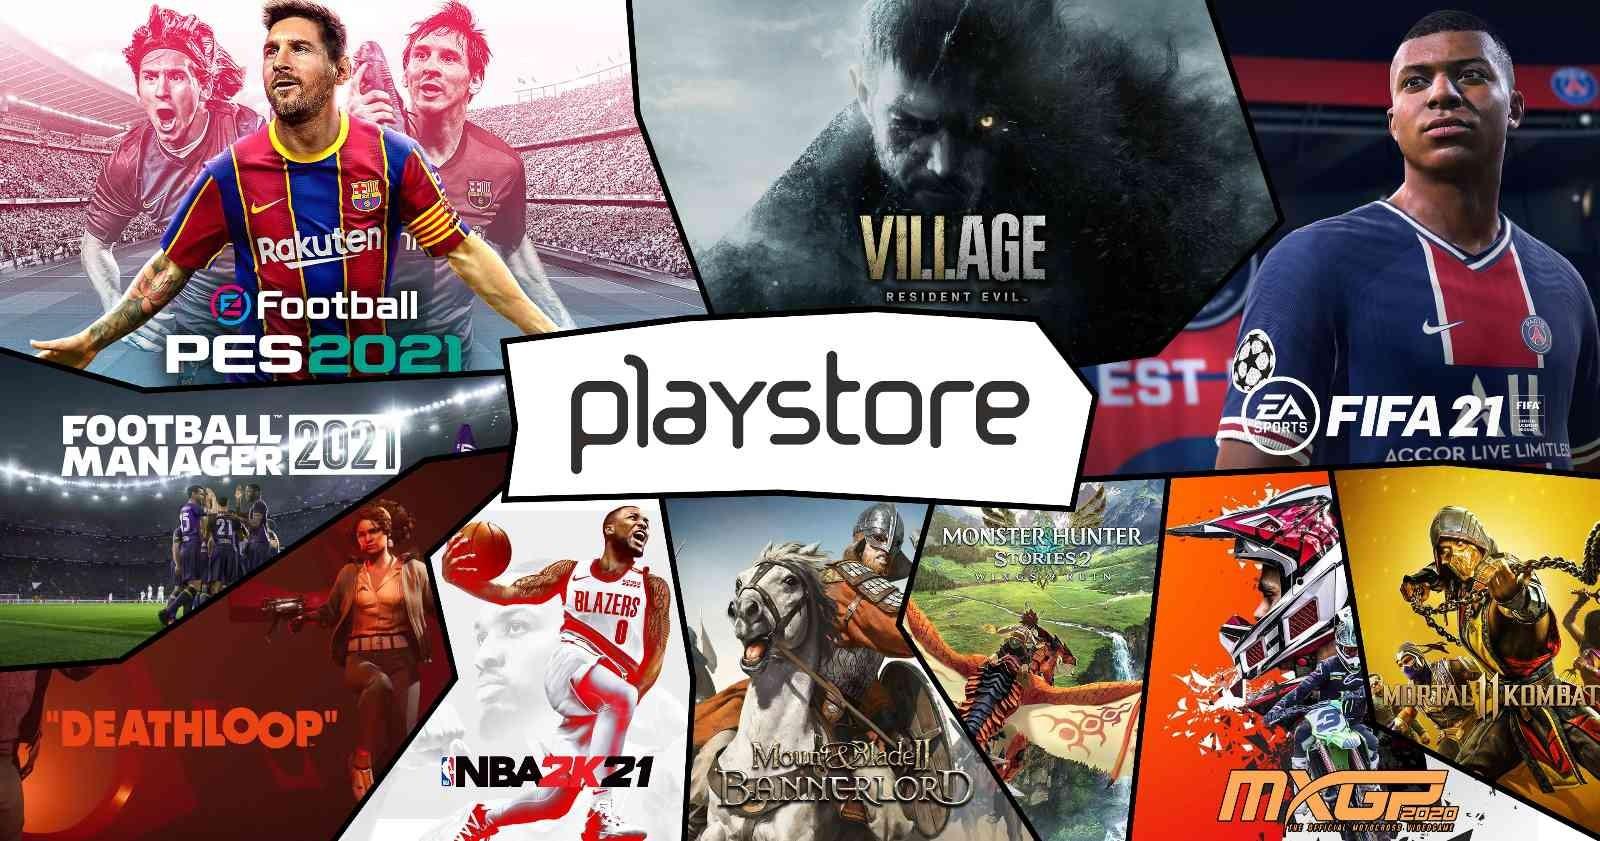 Playstore'da en çok oynanan indirilen belli oldu